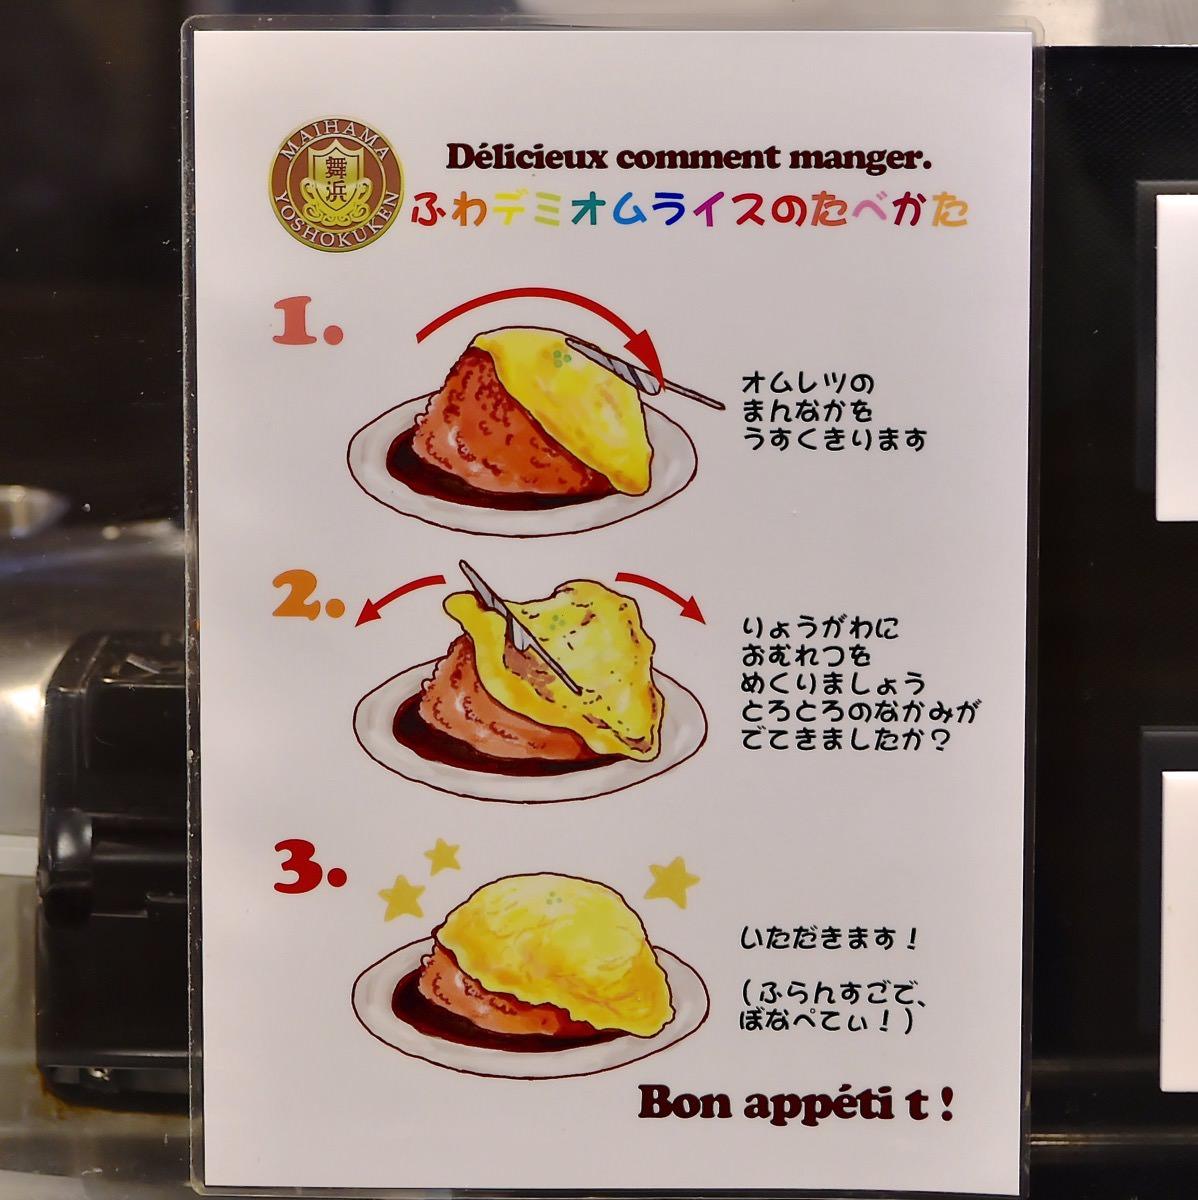 ふわふわデミオムライス食べ方